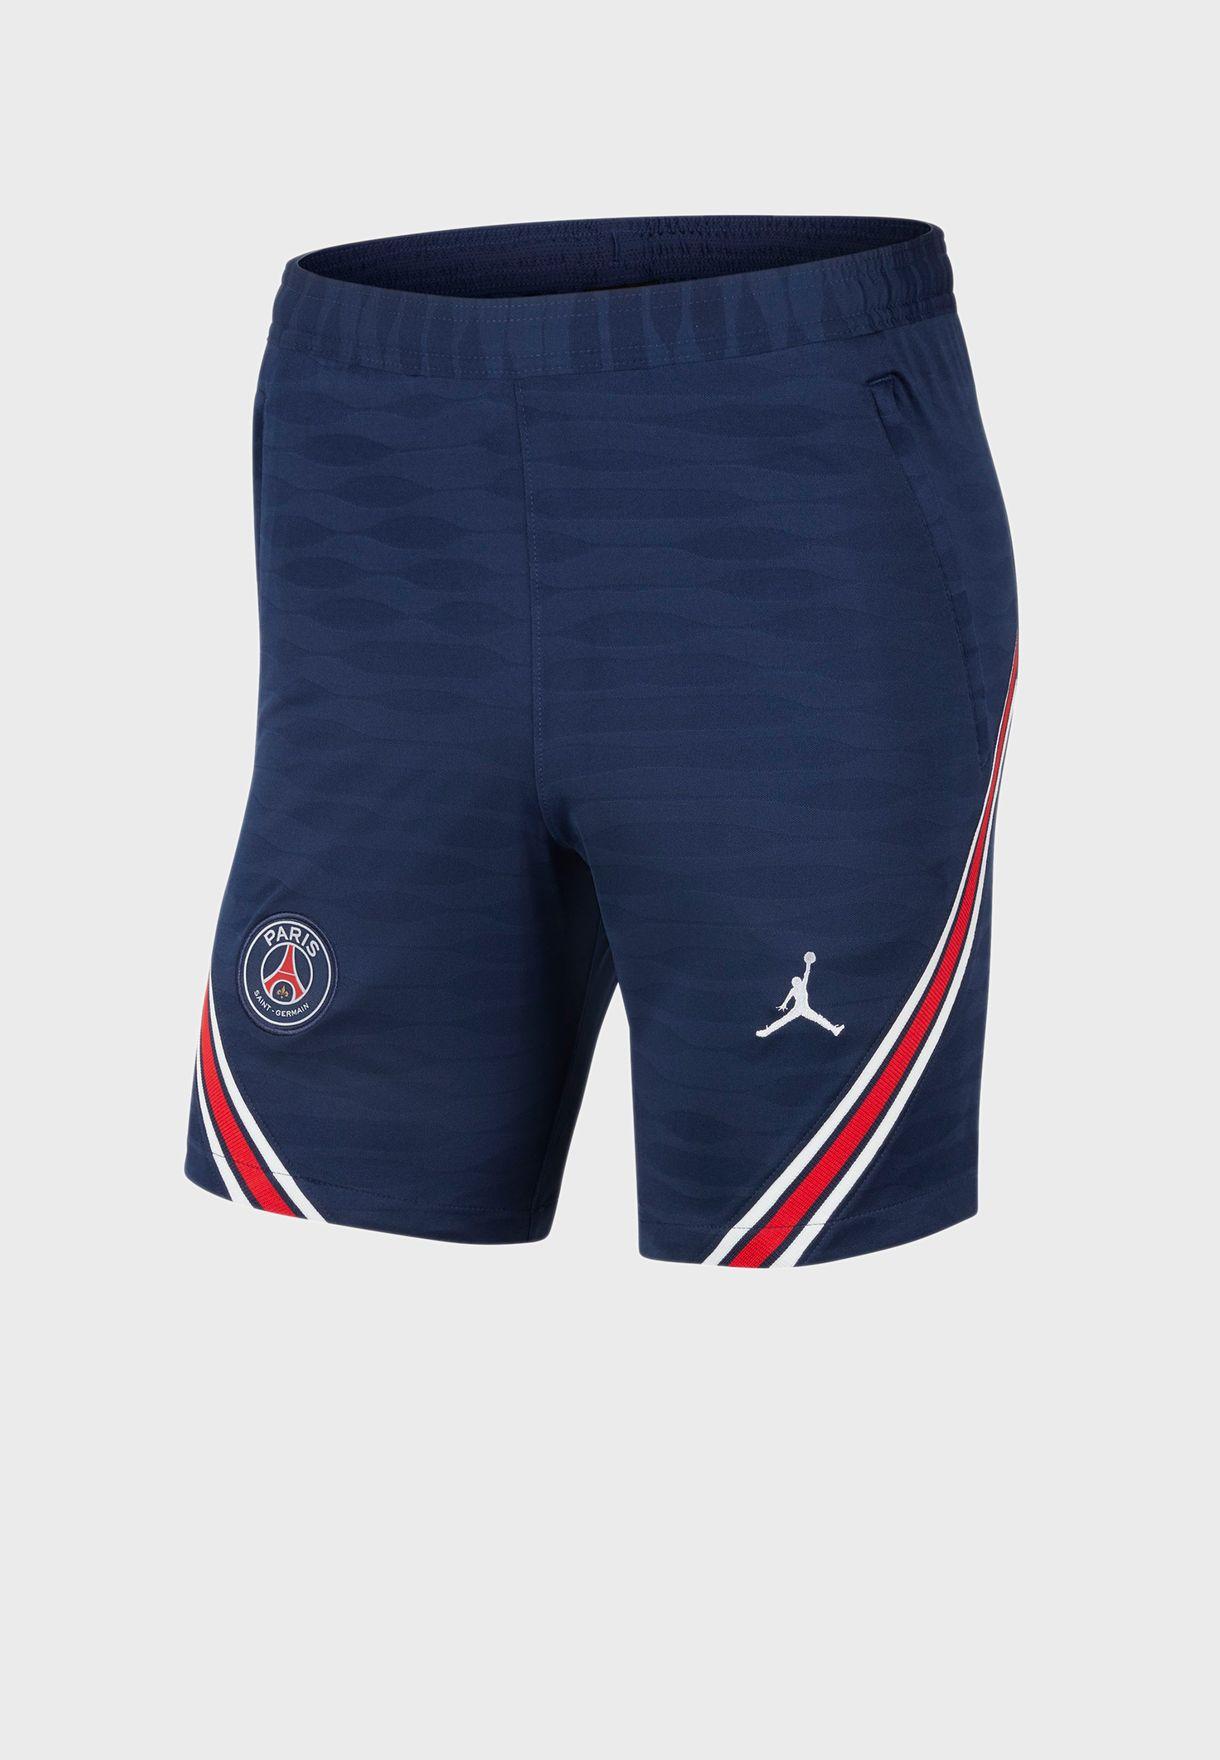 شورت بشعار باريس سان جيرمان لكرة القدم